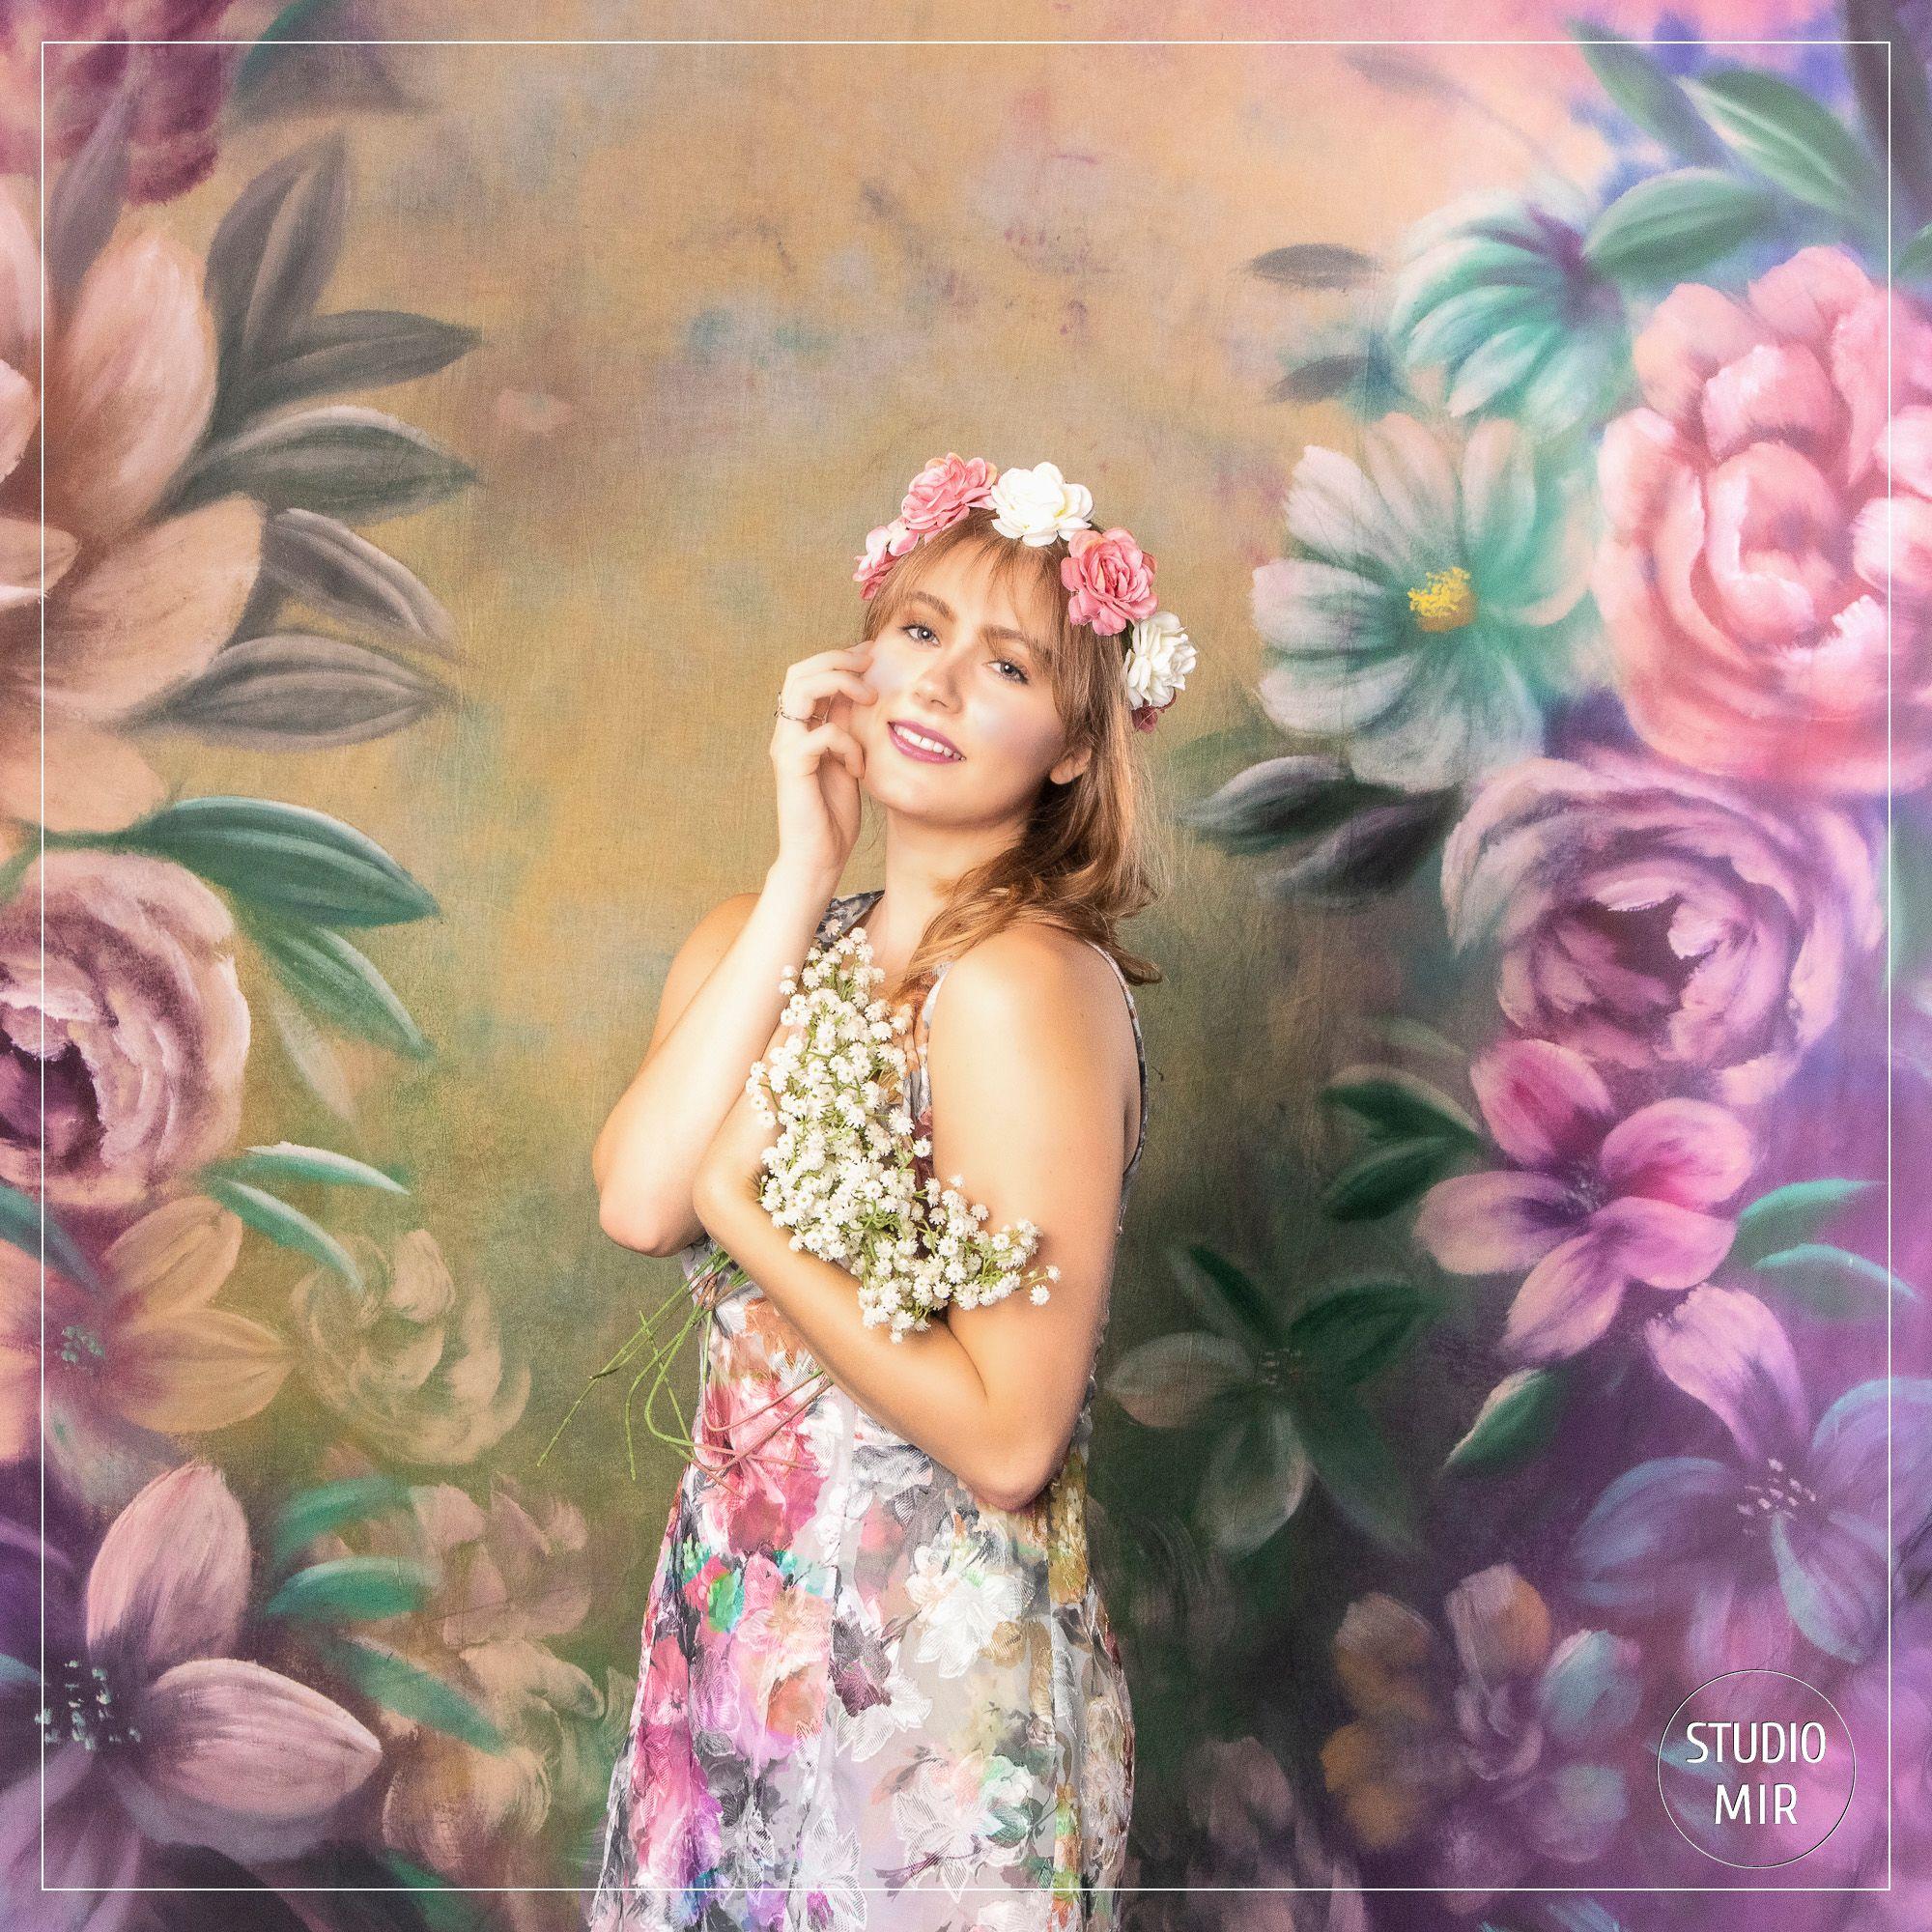 Séance photo en studio avec des fleurs en région parisienne